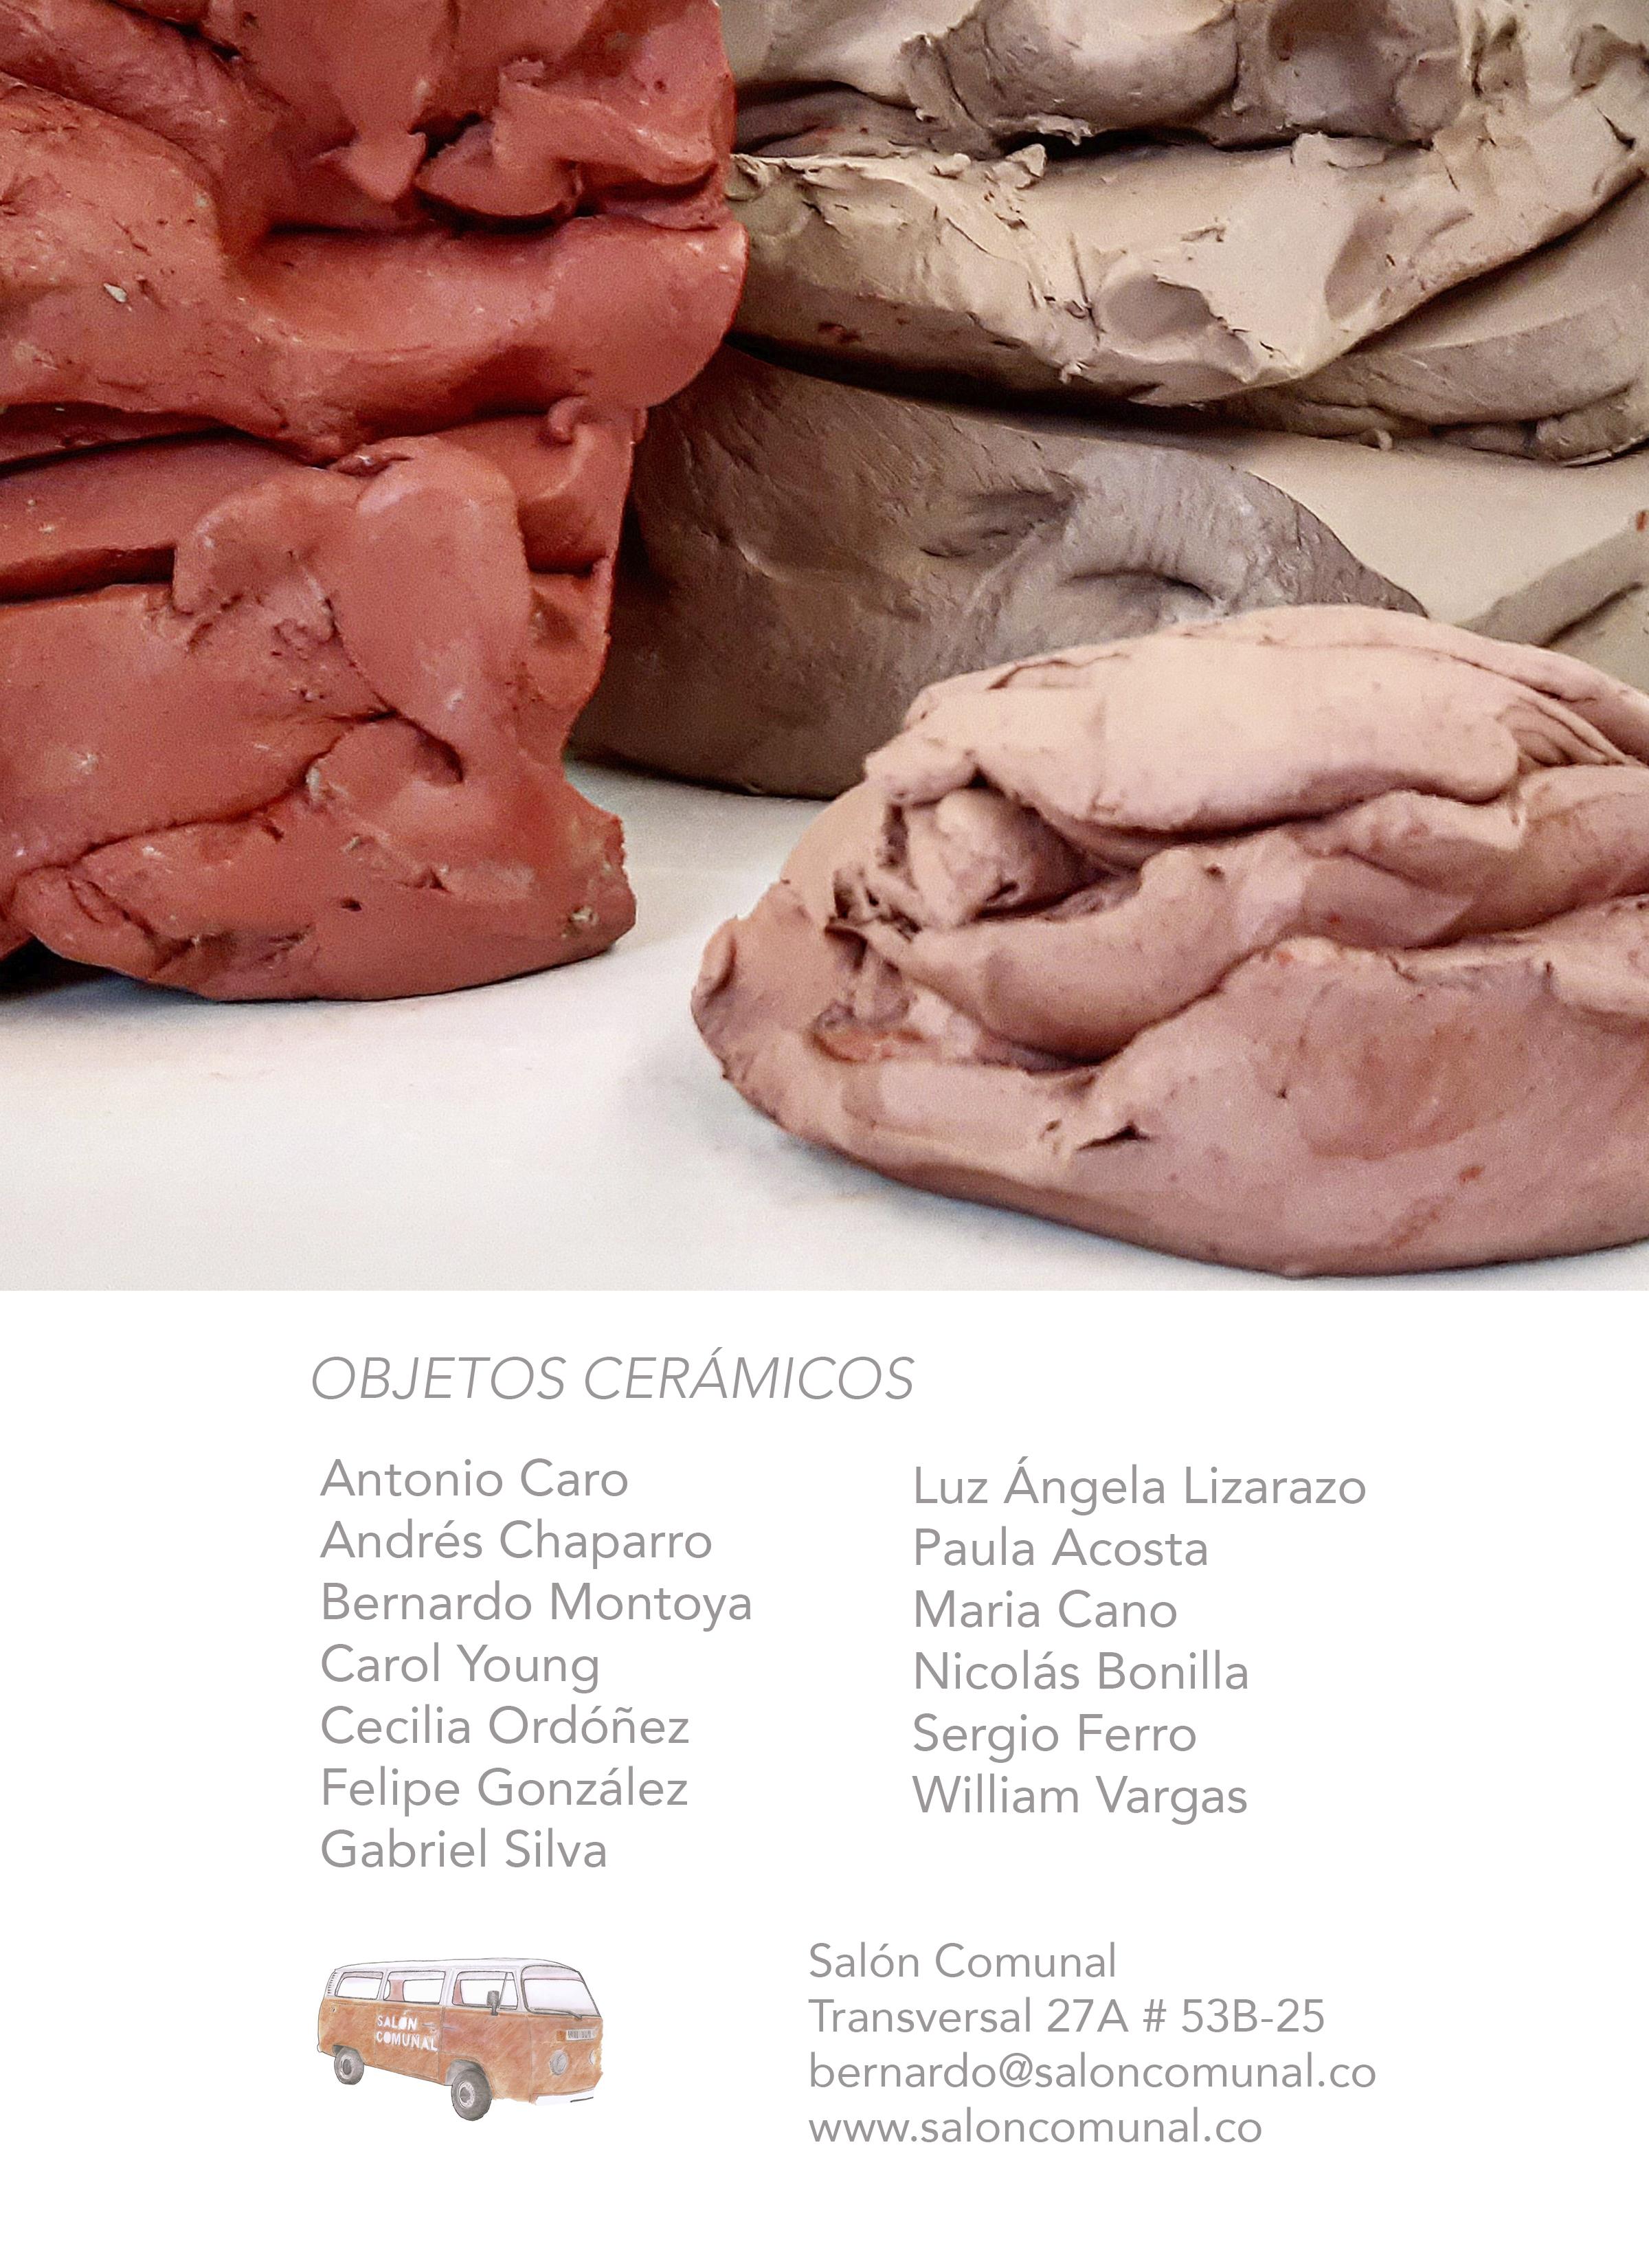 objetos ceramicos 2020